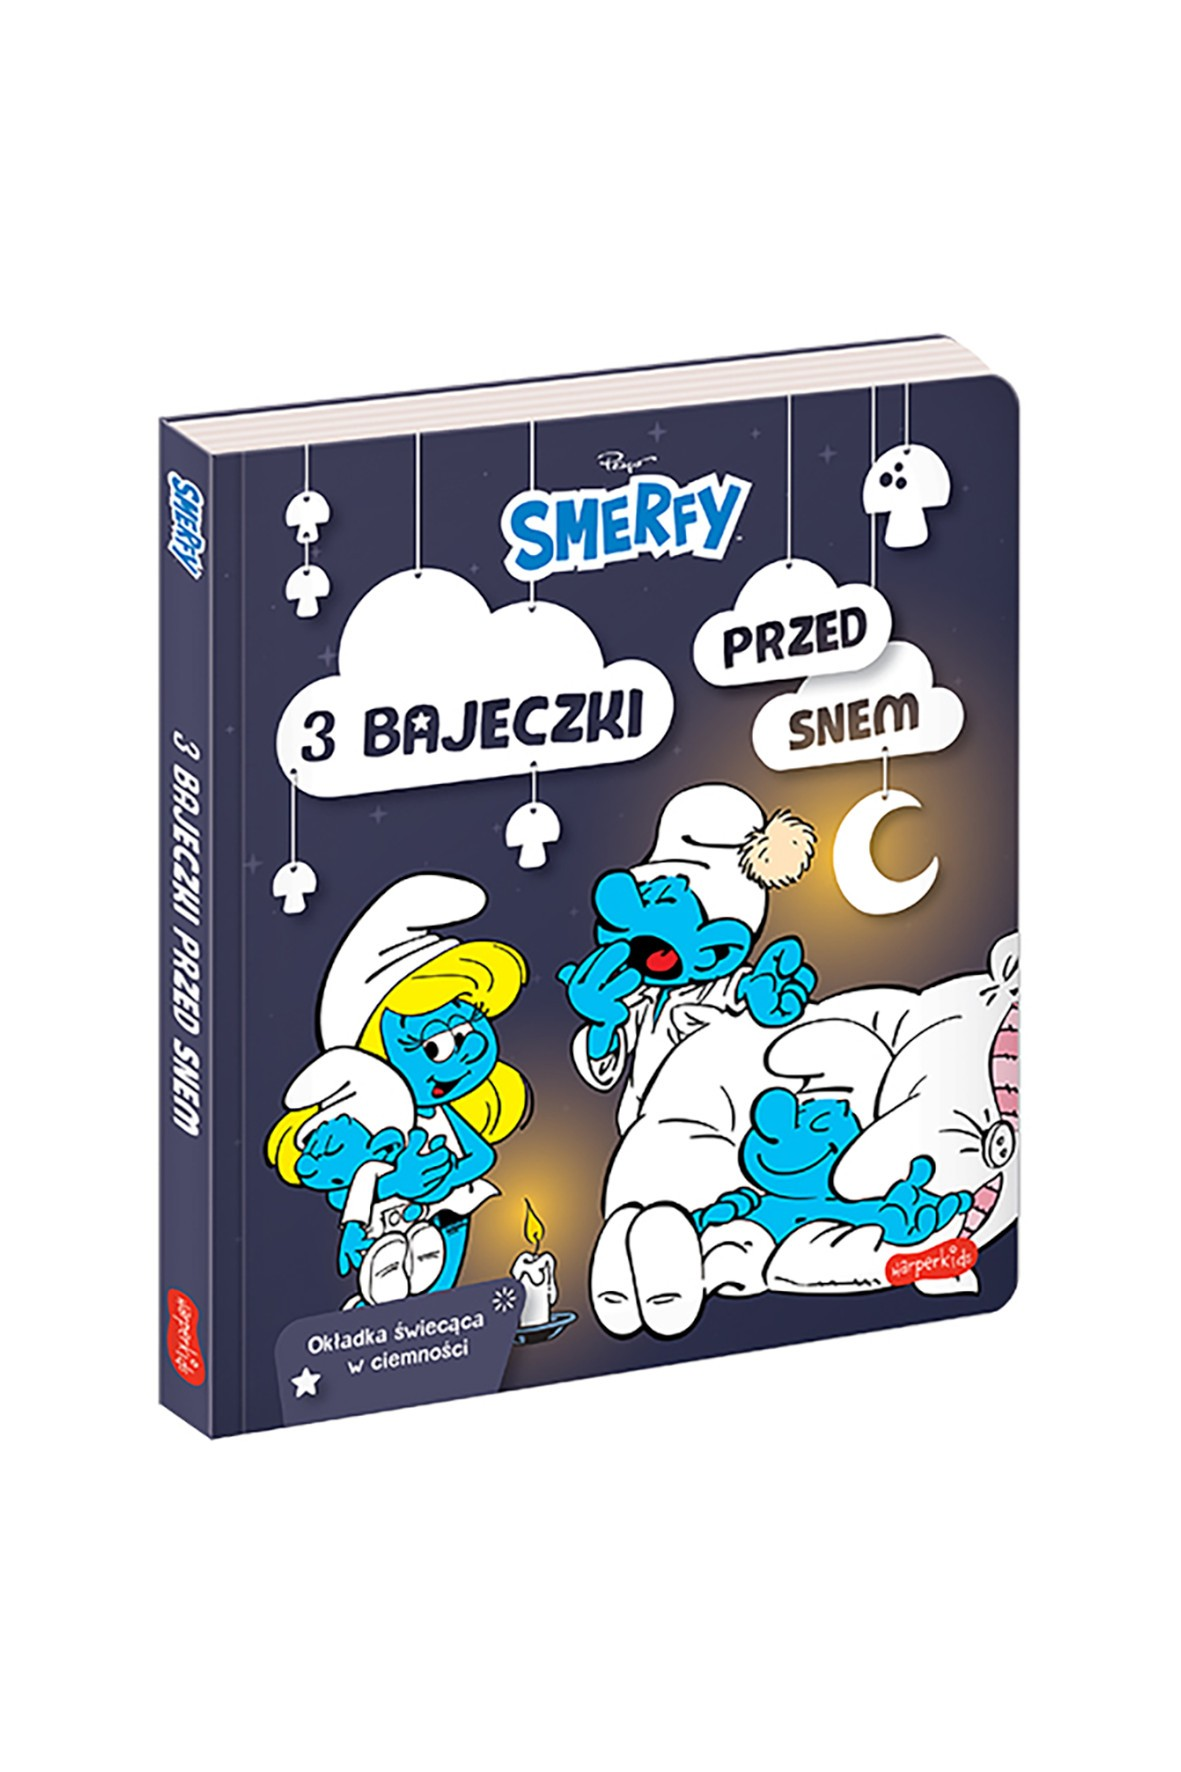 Smerfy. 3 Bajeczki Przed Snem - książka dla dzieci